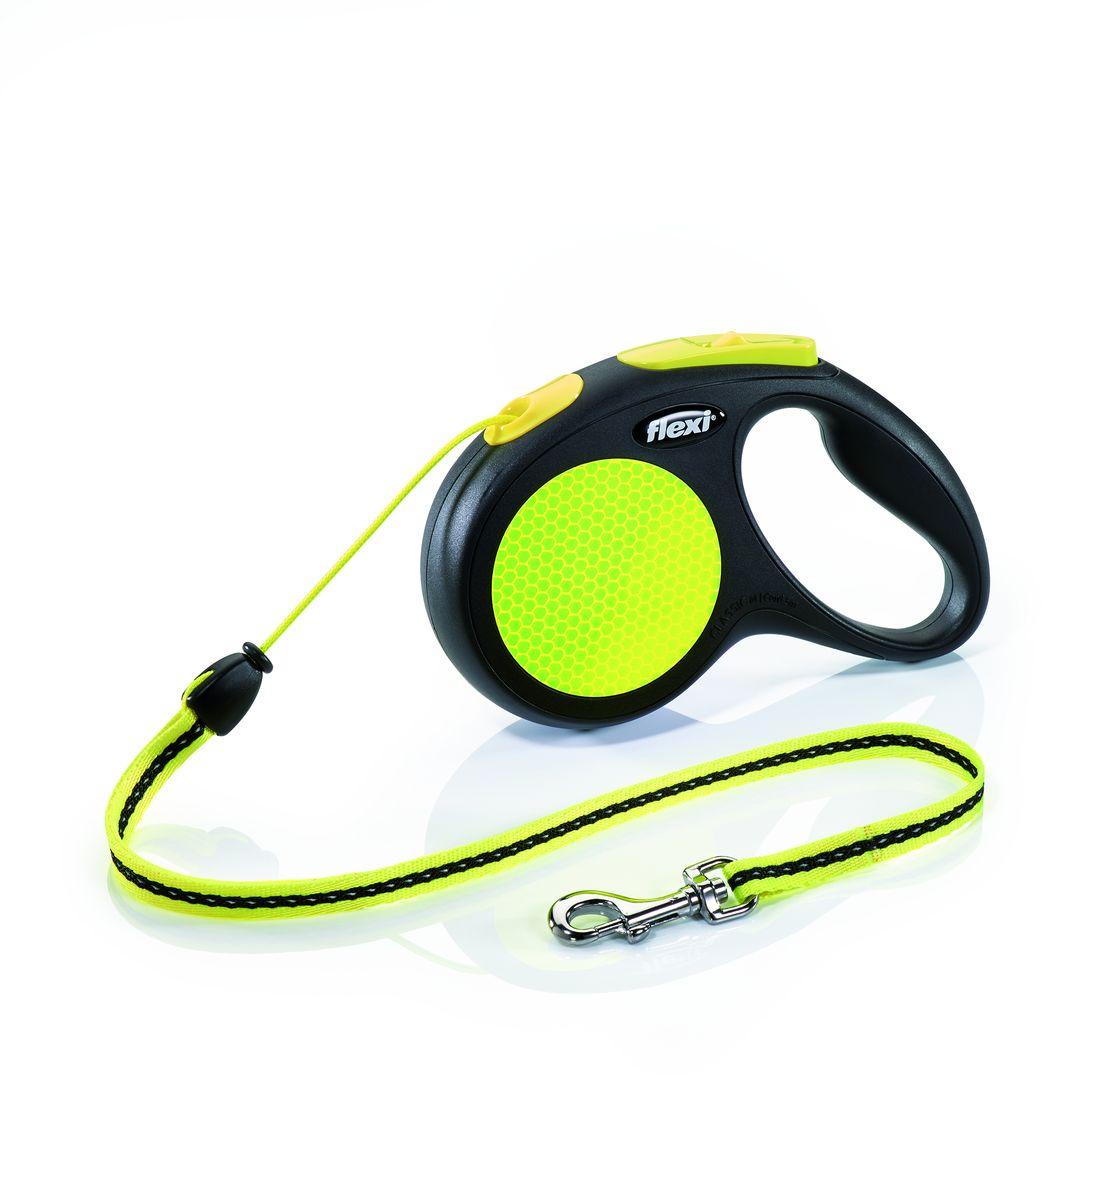 Поводок-рулетка Flexi Neon New Classic М, трос, для собак весом до 20 кг, 5 м25222Тросовый поводок-рулетка предназначен для выгула собак весом до 20 кг. Рулетки flexi производятся в Германии более 40 лет и особое внимание уделяется обеспечению безопасности и комфорта использования: - обновленная эргономичная кнопка системы торможения - запатентованная тормозная система - надежный карабин - светоотражающая наклейка на корпусе рулетки - яркий трос неонового цвета хорошо заметен в сумерки и туман Запатентованая система сматывания и фиксации длины — дополнительное удобство, помогающее контролировать поведение животного. Корпус рулетки выполнен из ударопрочного пластика. Рулетка очень легка в применении, принесет вам еще большую радость от моментов, проведенных с любимцем. Длина 5 м, цвет черный/неон